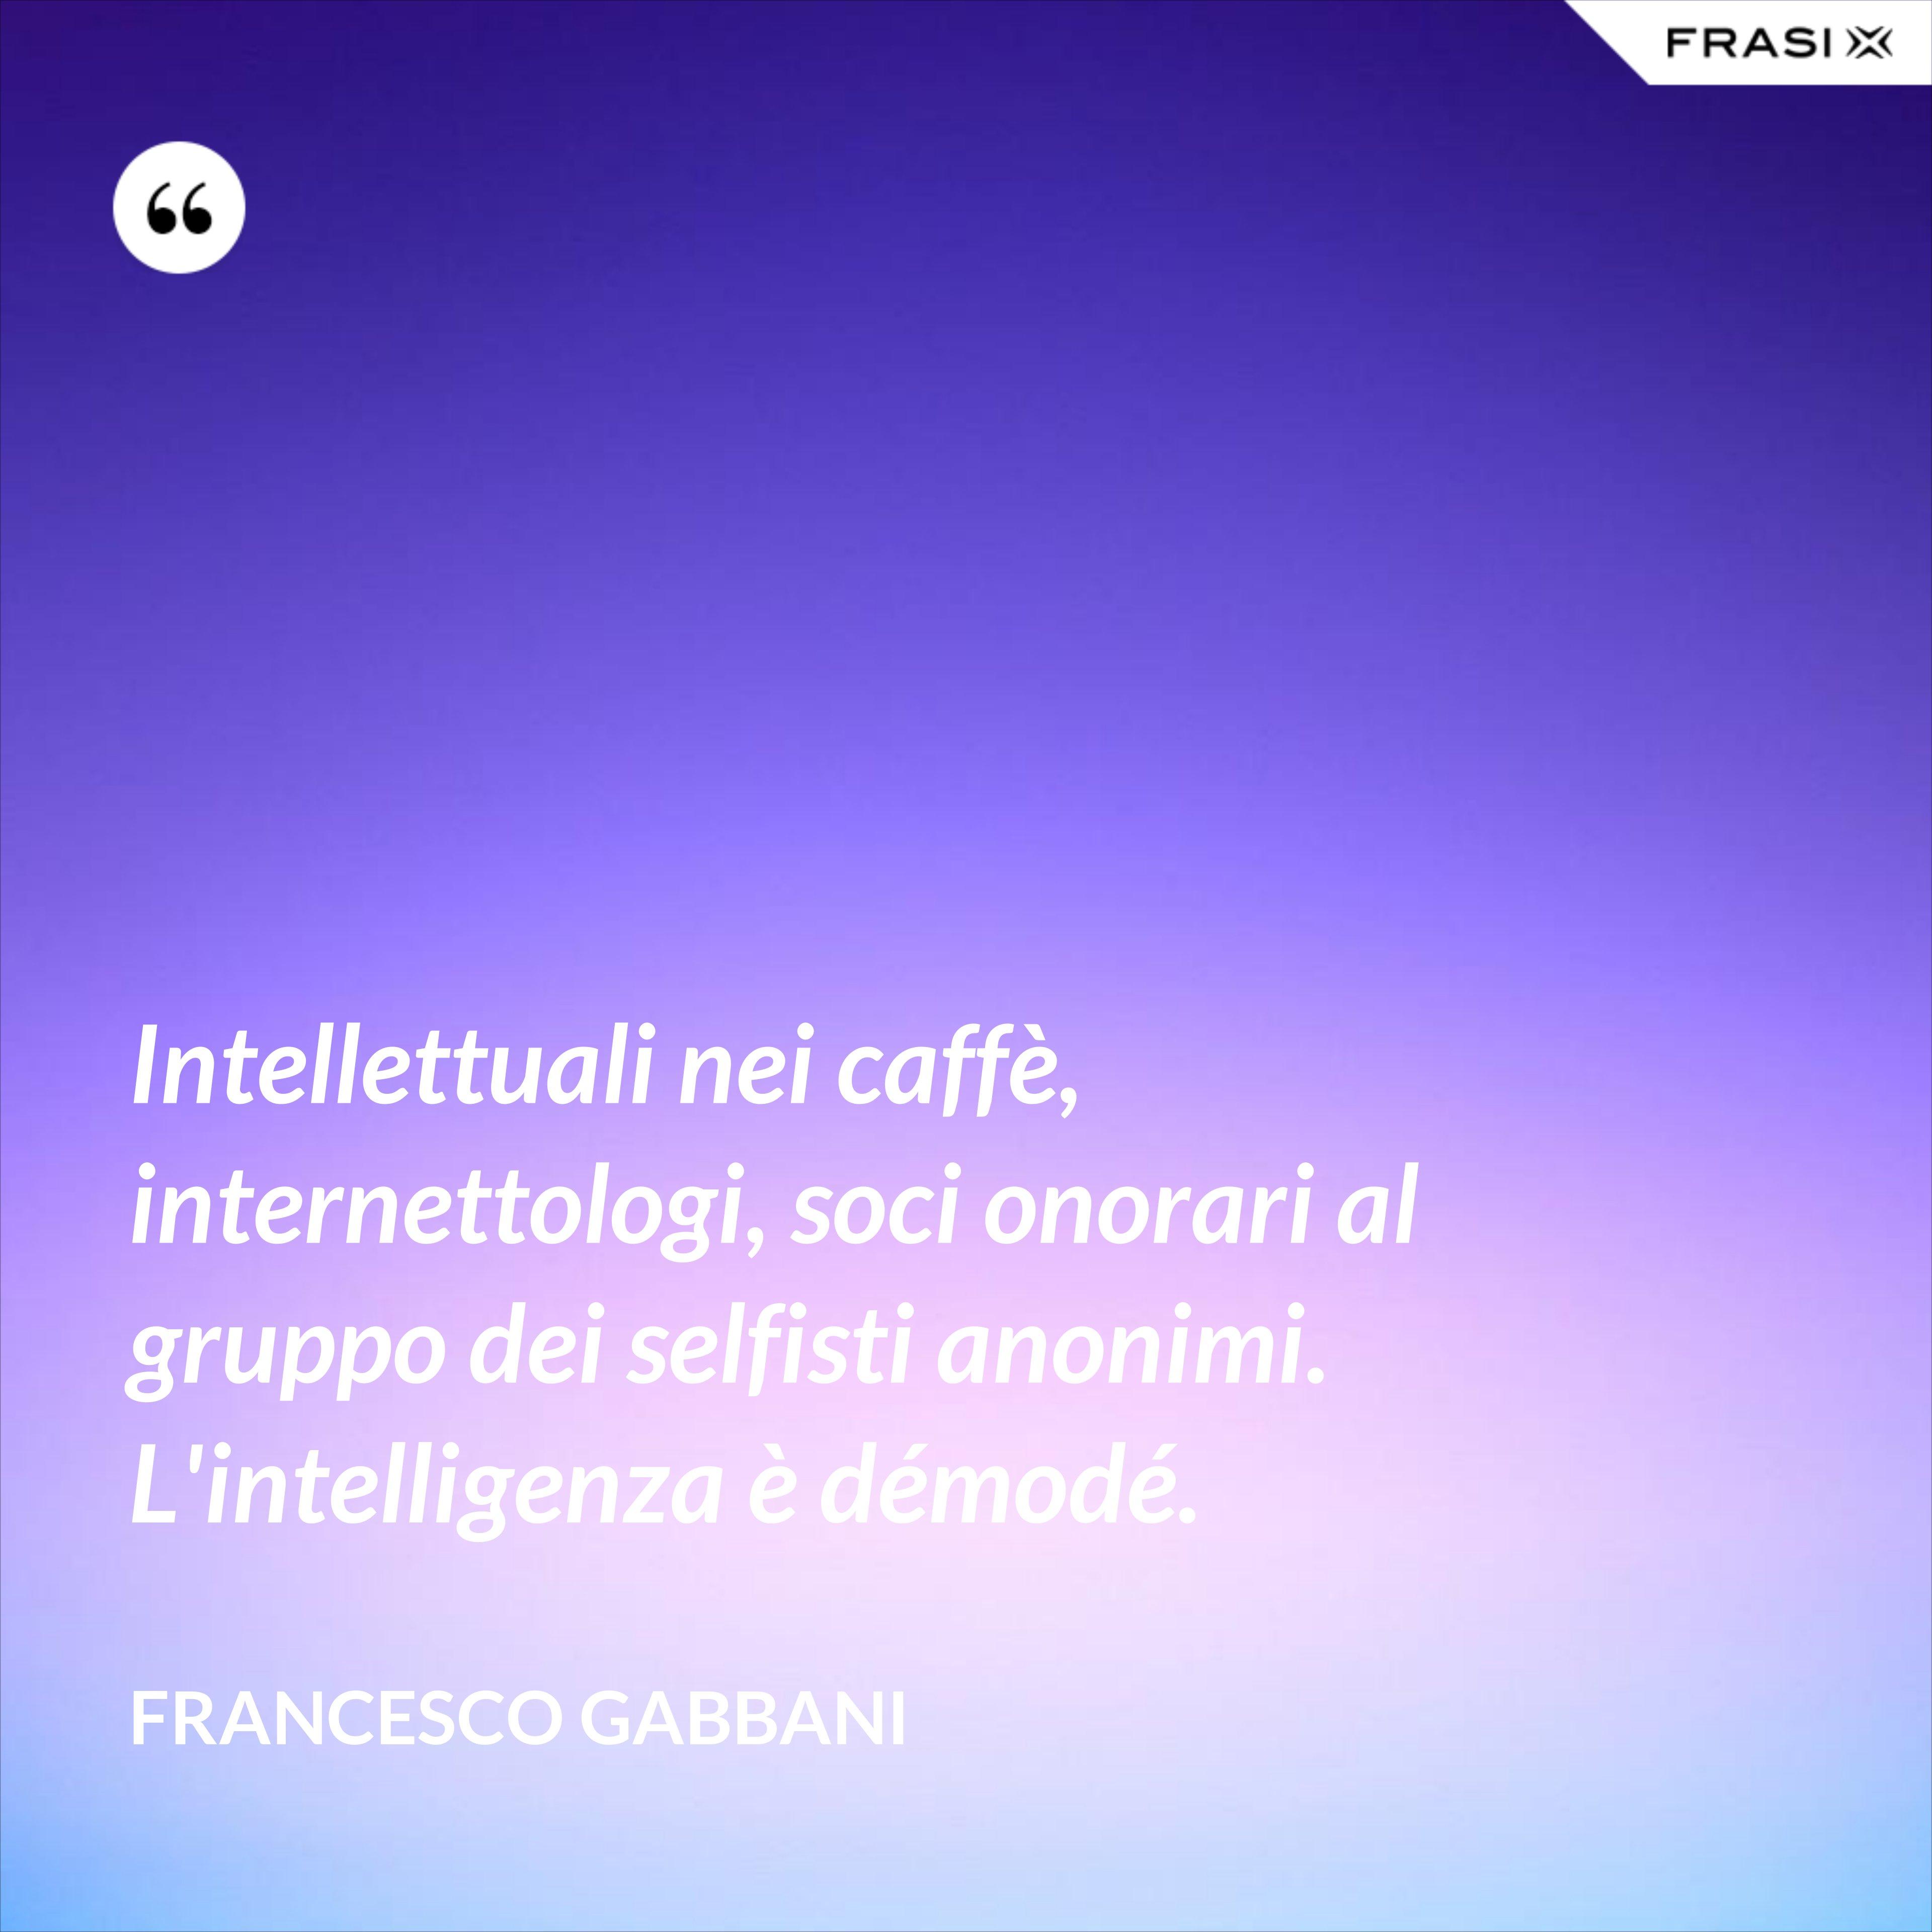 Intellettuali nei caffè, internettologi, soci onorari al gruppo dei selfisti anonimi. L'intelligenza è démodé. - Francesco Gabbani